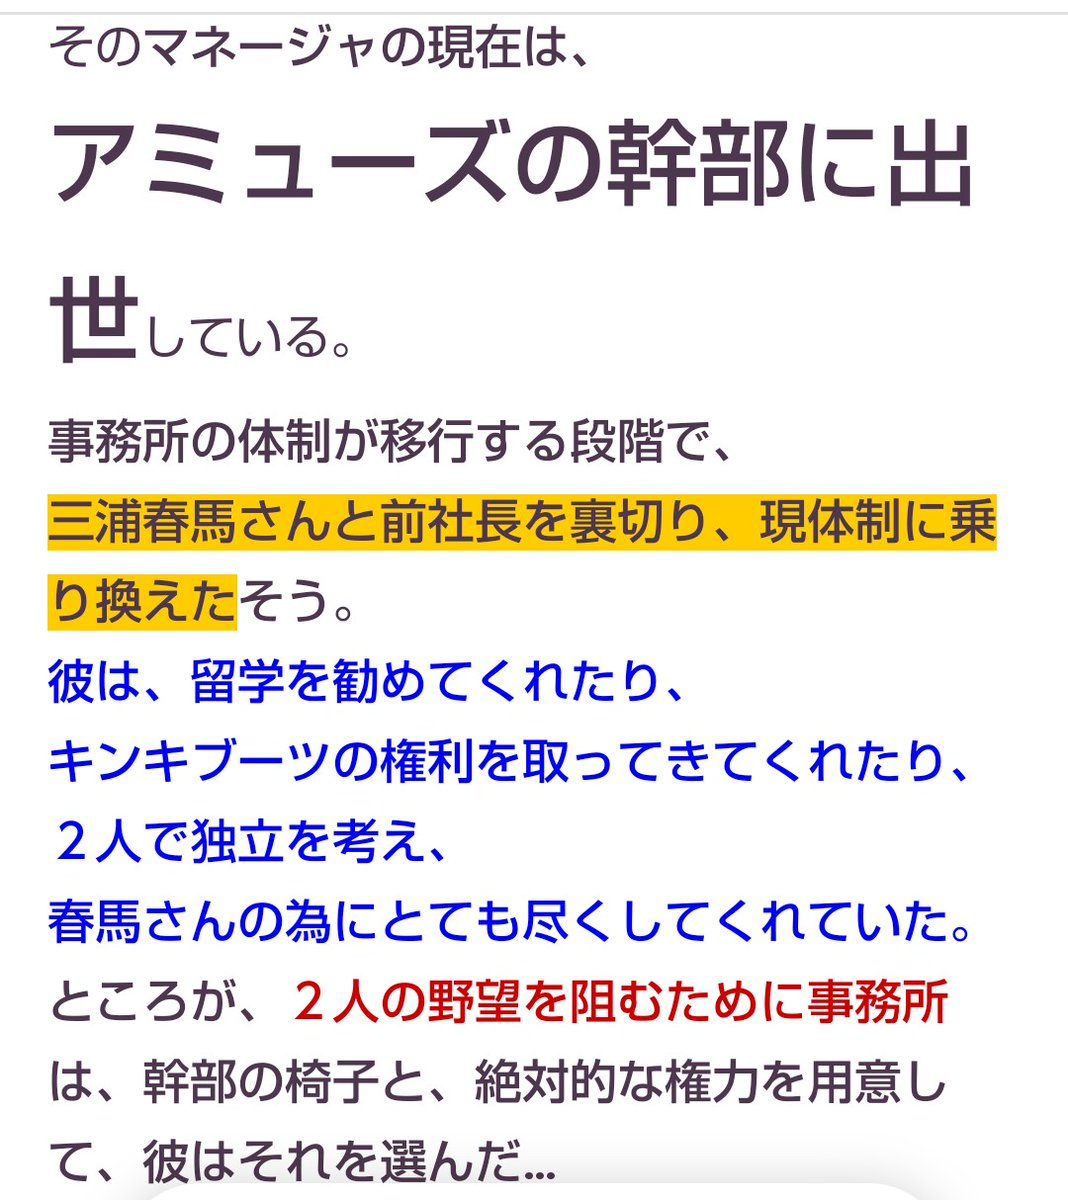 城田 優 インスタ 三浦 春 馬